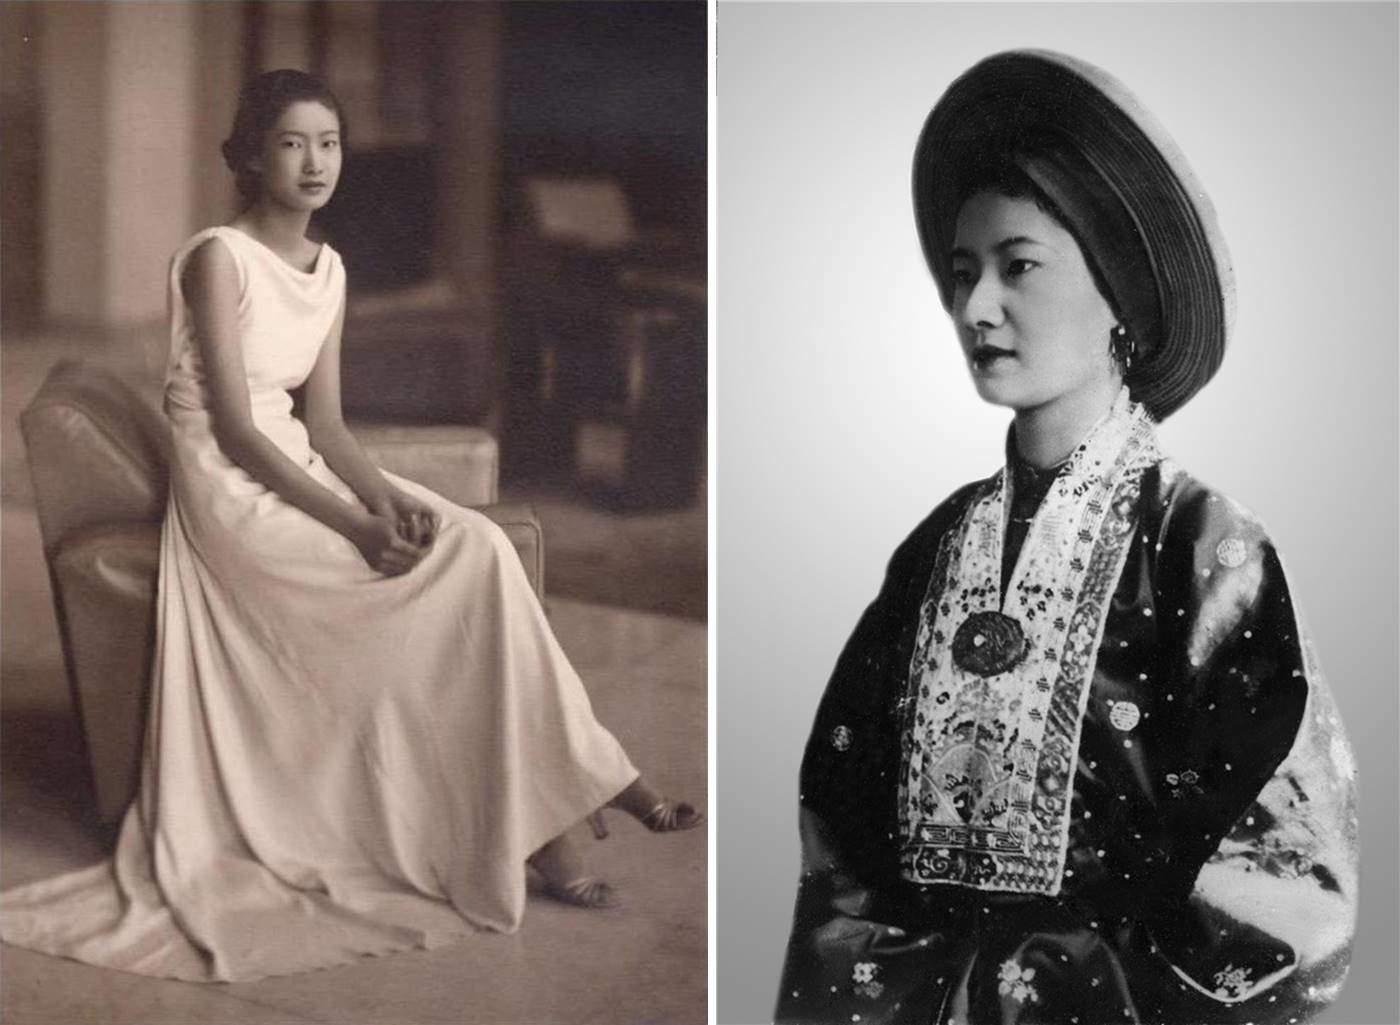 Mê mẩn loạt ảnh phục chế của những mỹ nhân Việt xưa sở hữu vẻ đẹp chuẩn mực - 9